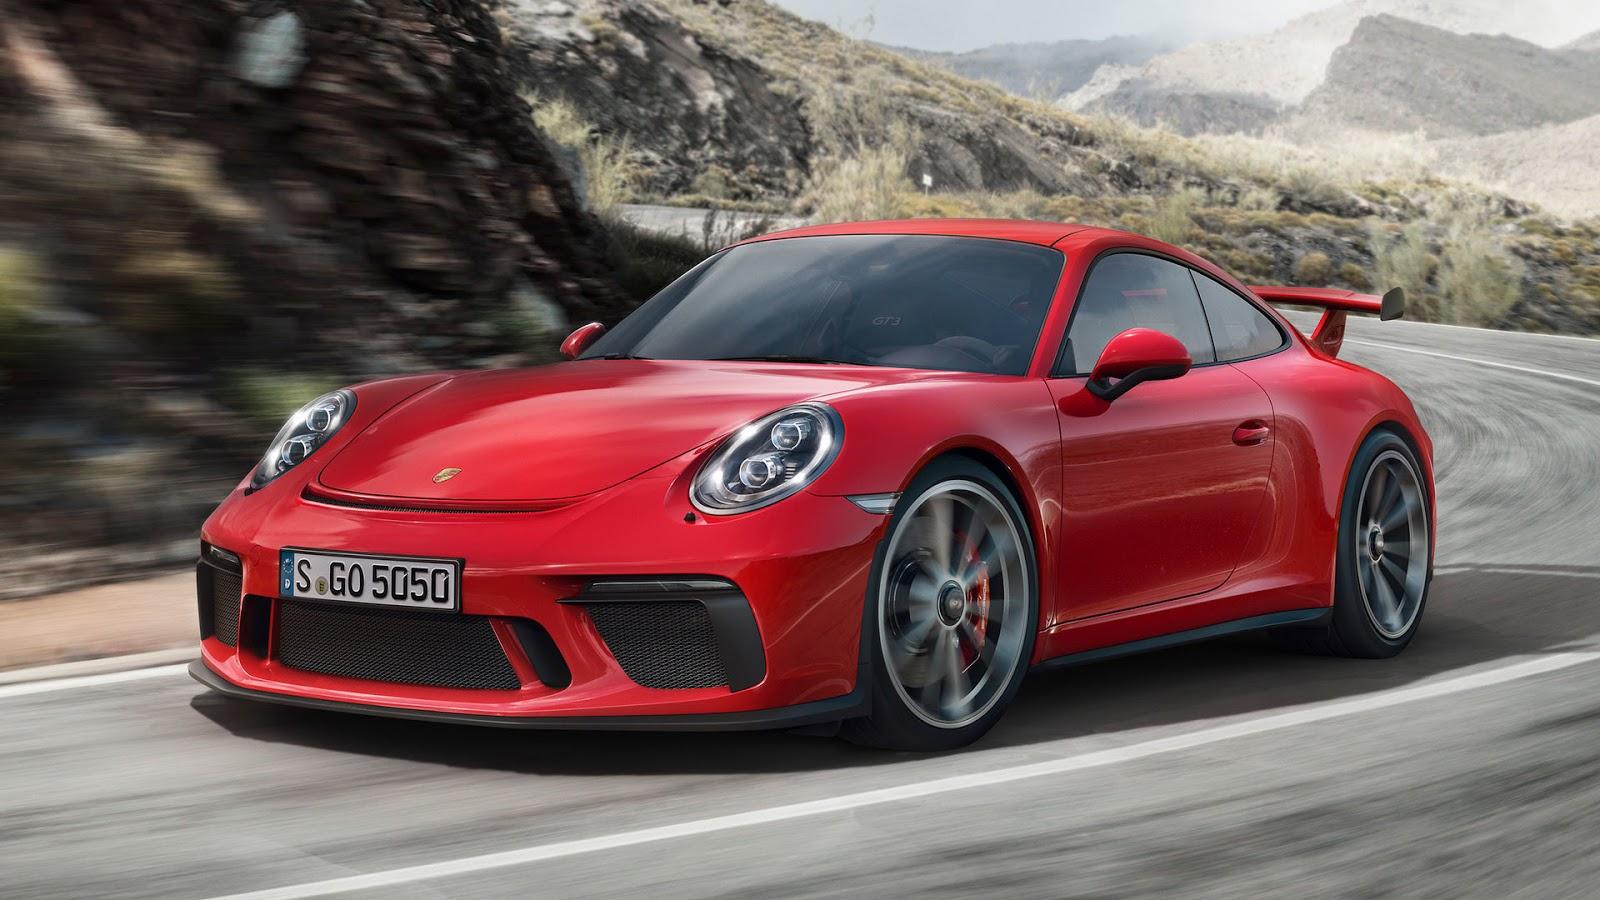 Porsche 911 gt3 rs review 2017 autocar - Porsche 911 Gt3 Rs Review 2017 Autocar 55